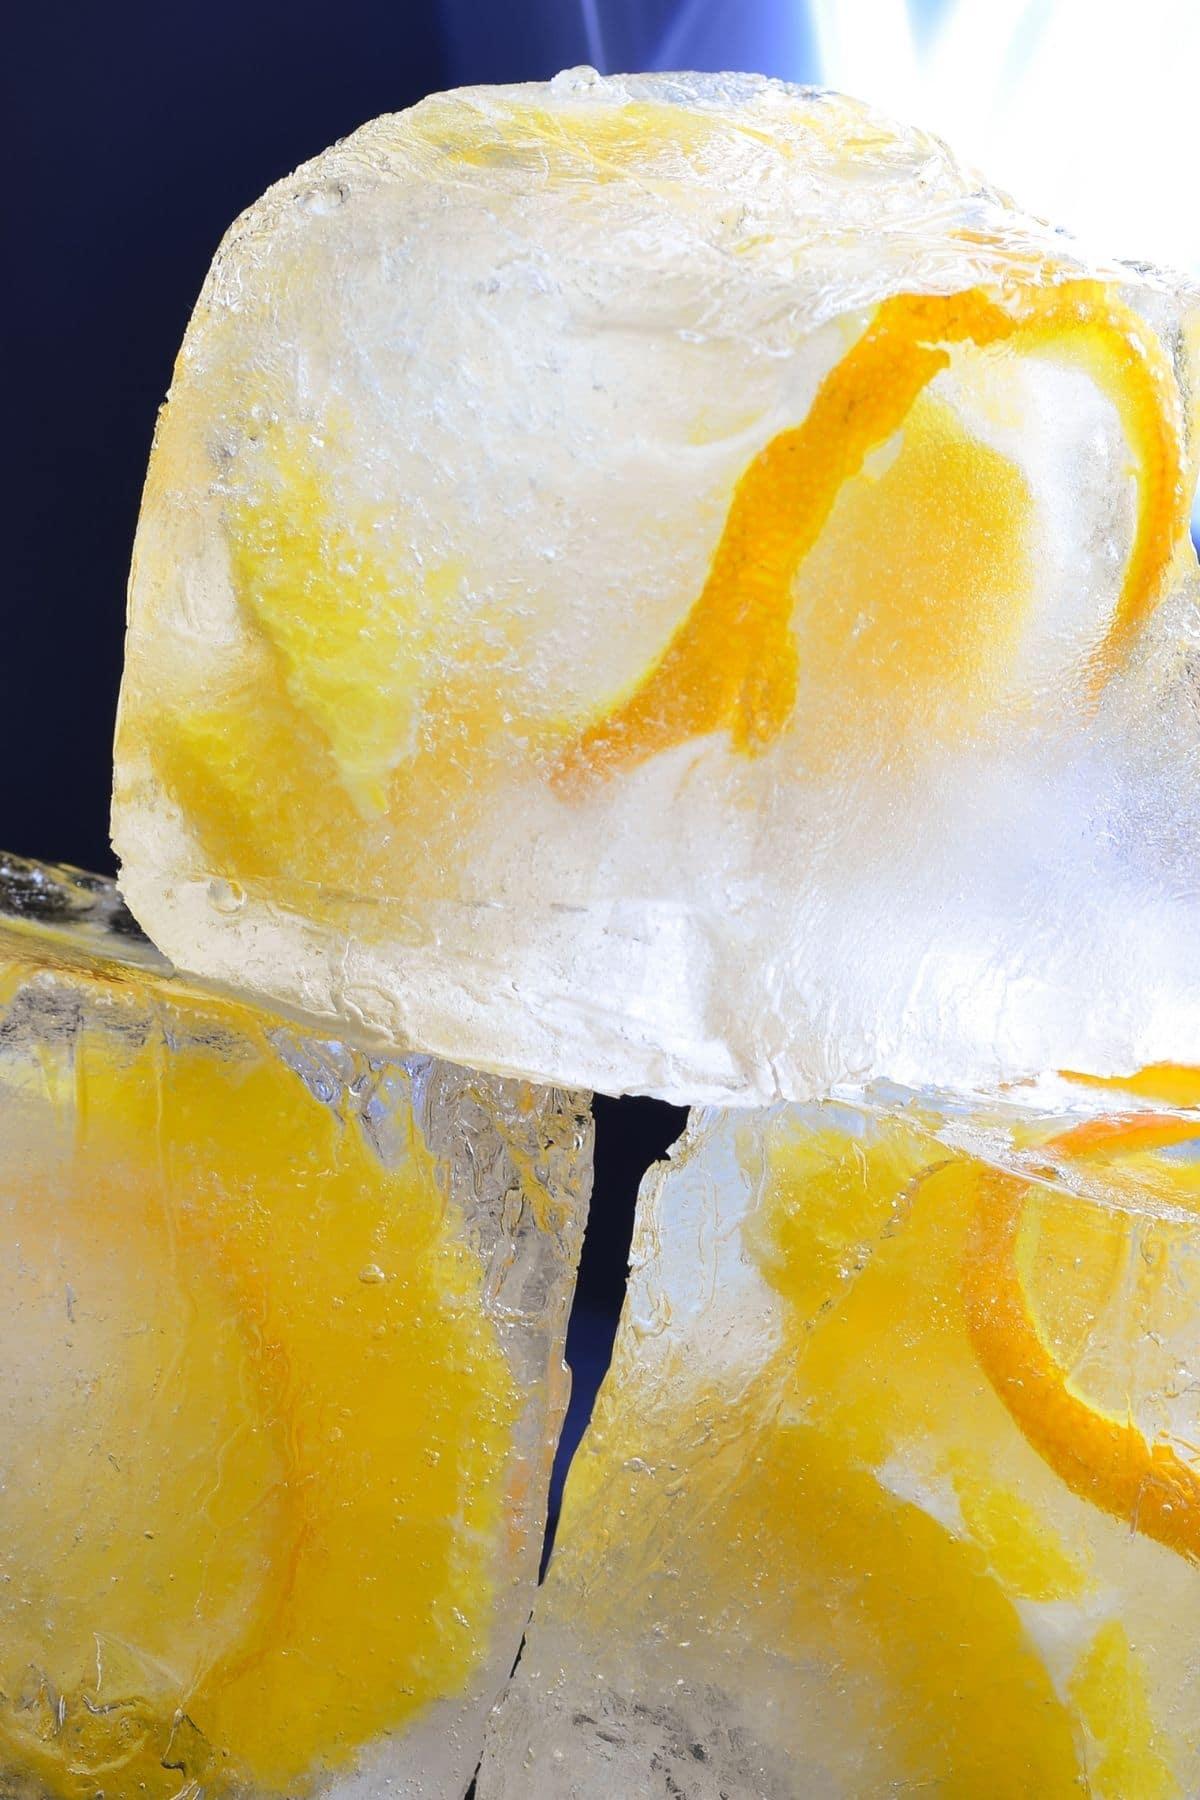 Orange peel ice cubes